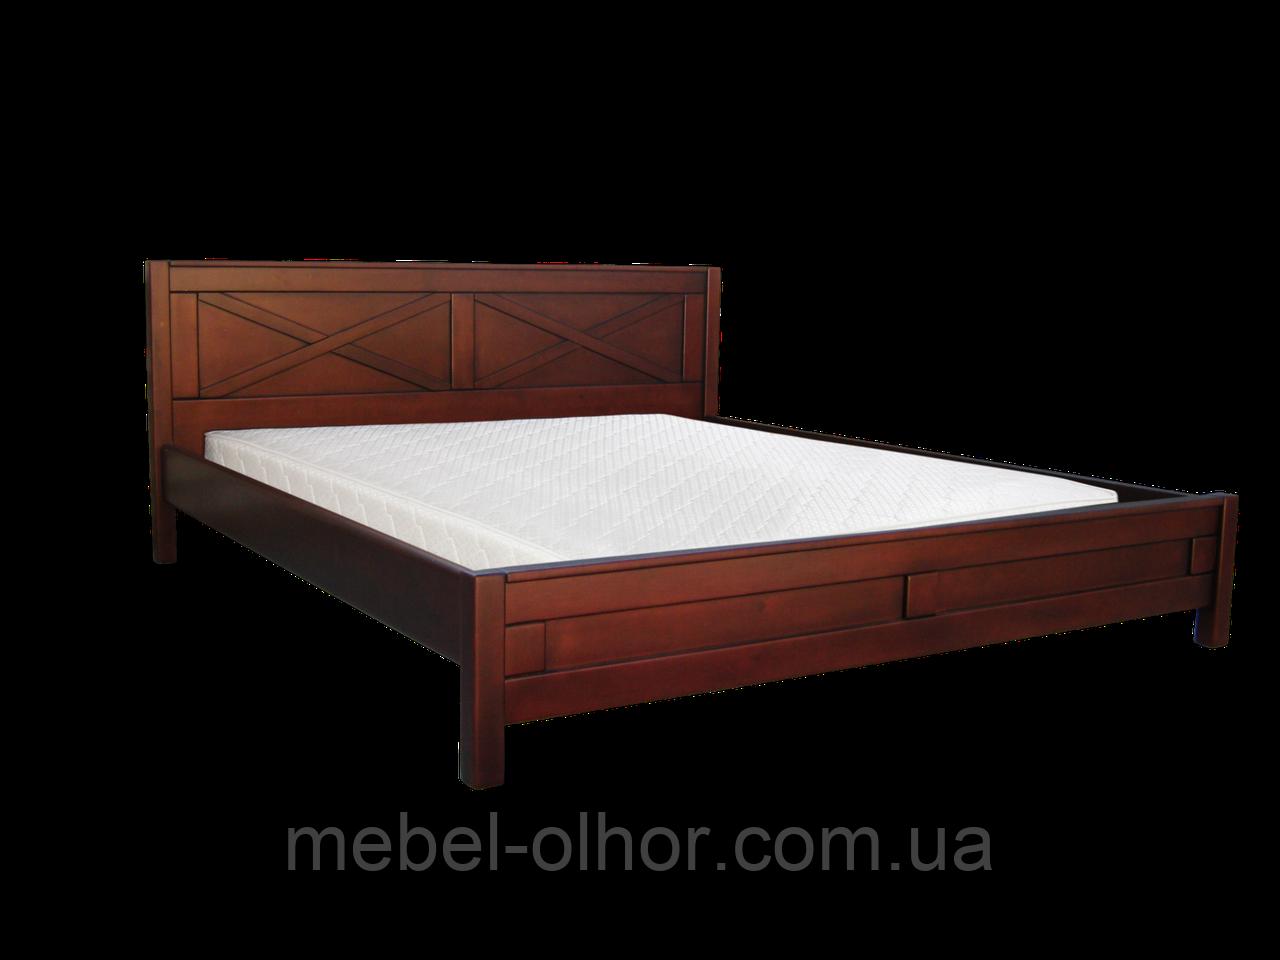 Деревянная кровать Глория 120*200